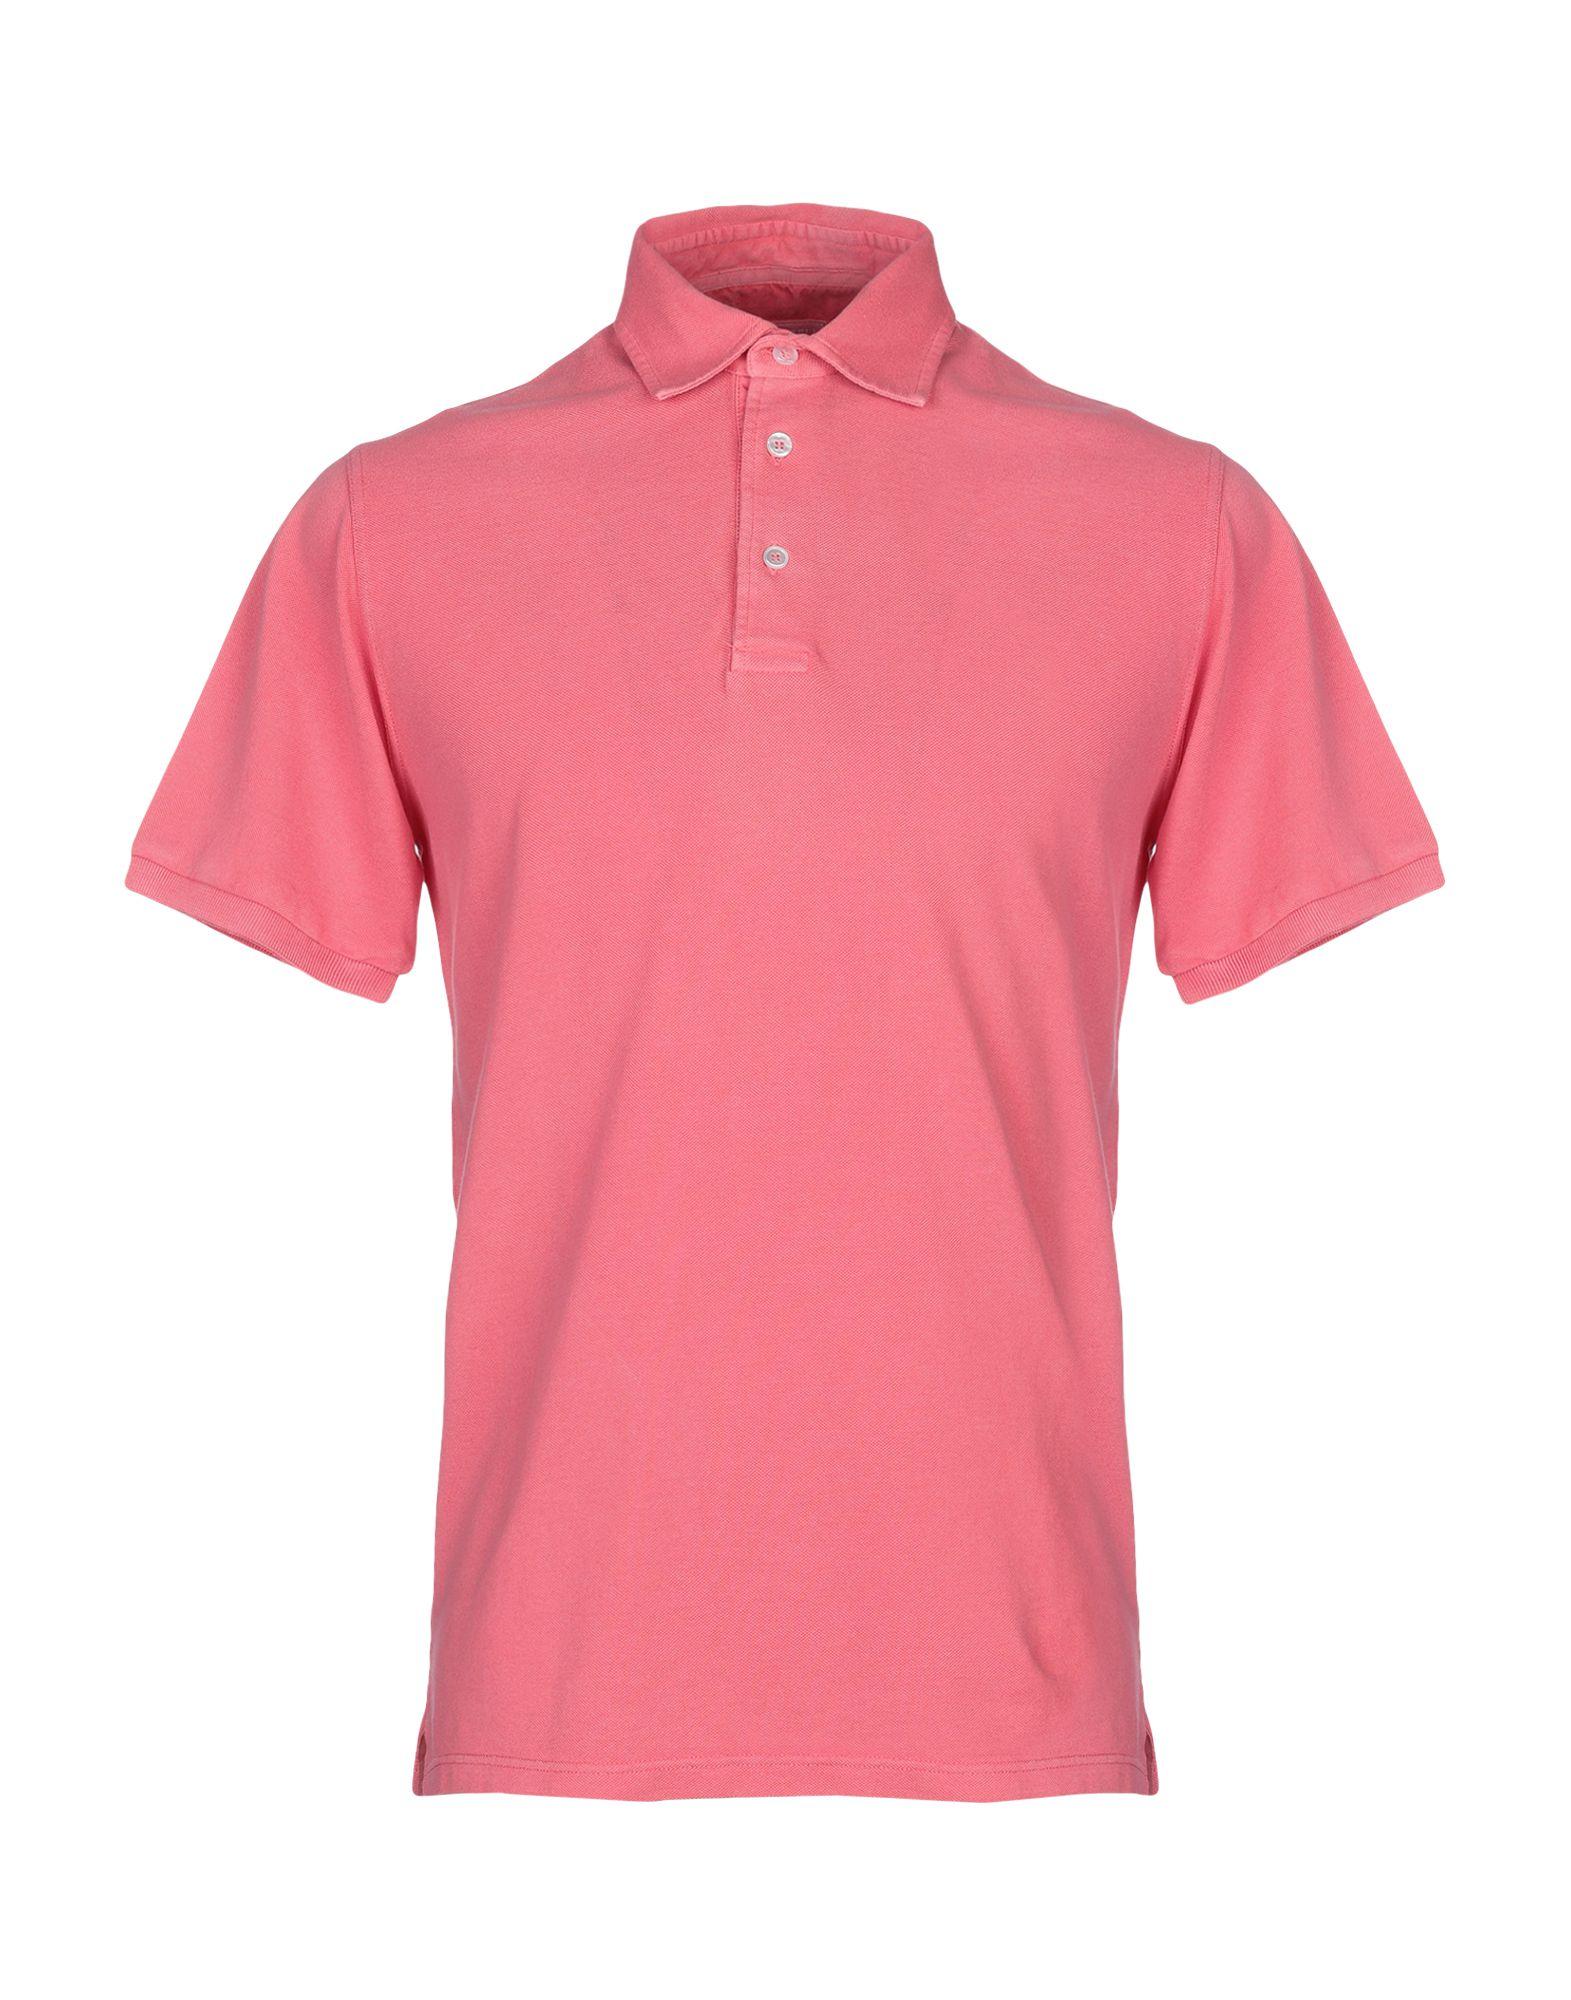 《送料無料》FEDELI メンズ ポロシャツ ピンク 48 コットン 100%